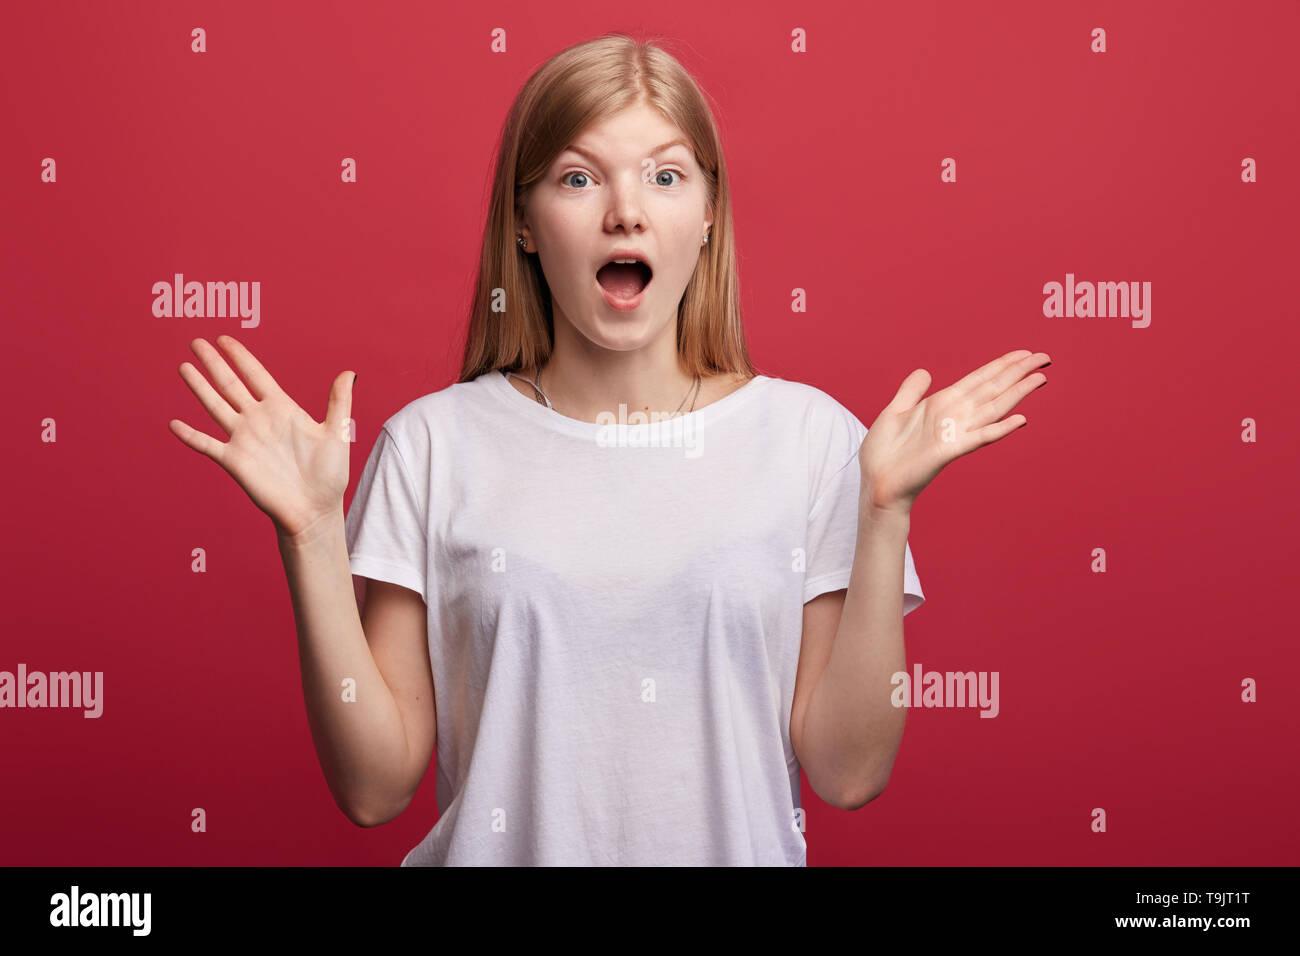 Schreckliche Frisur Stockfotos Schreckliche Frisur Bilder Alamy